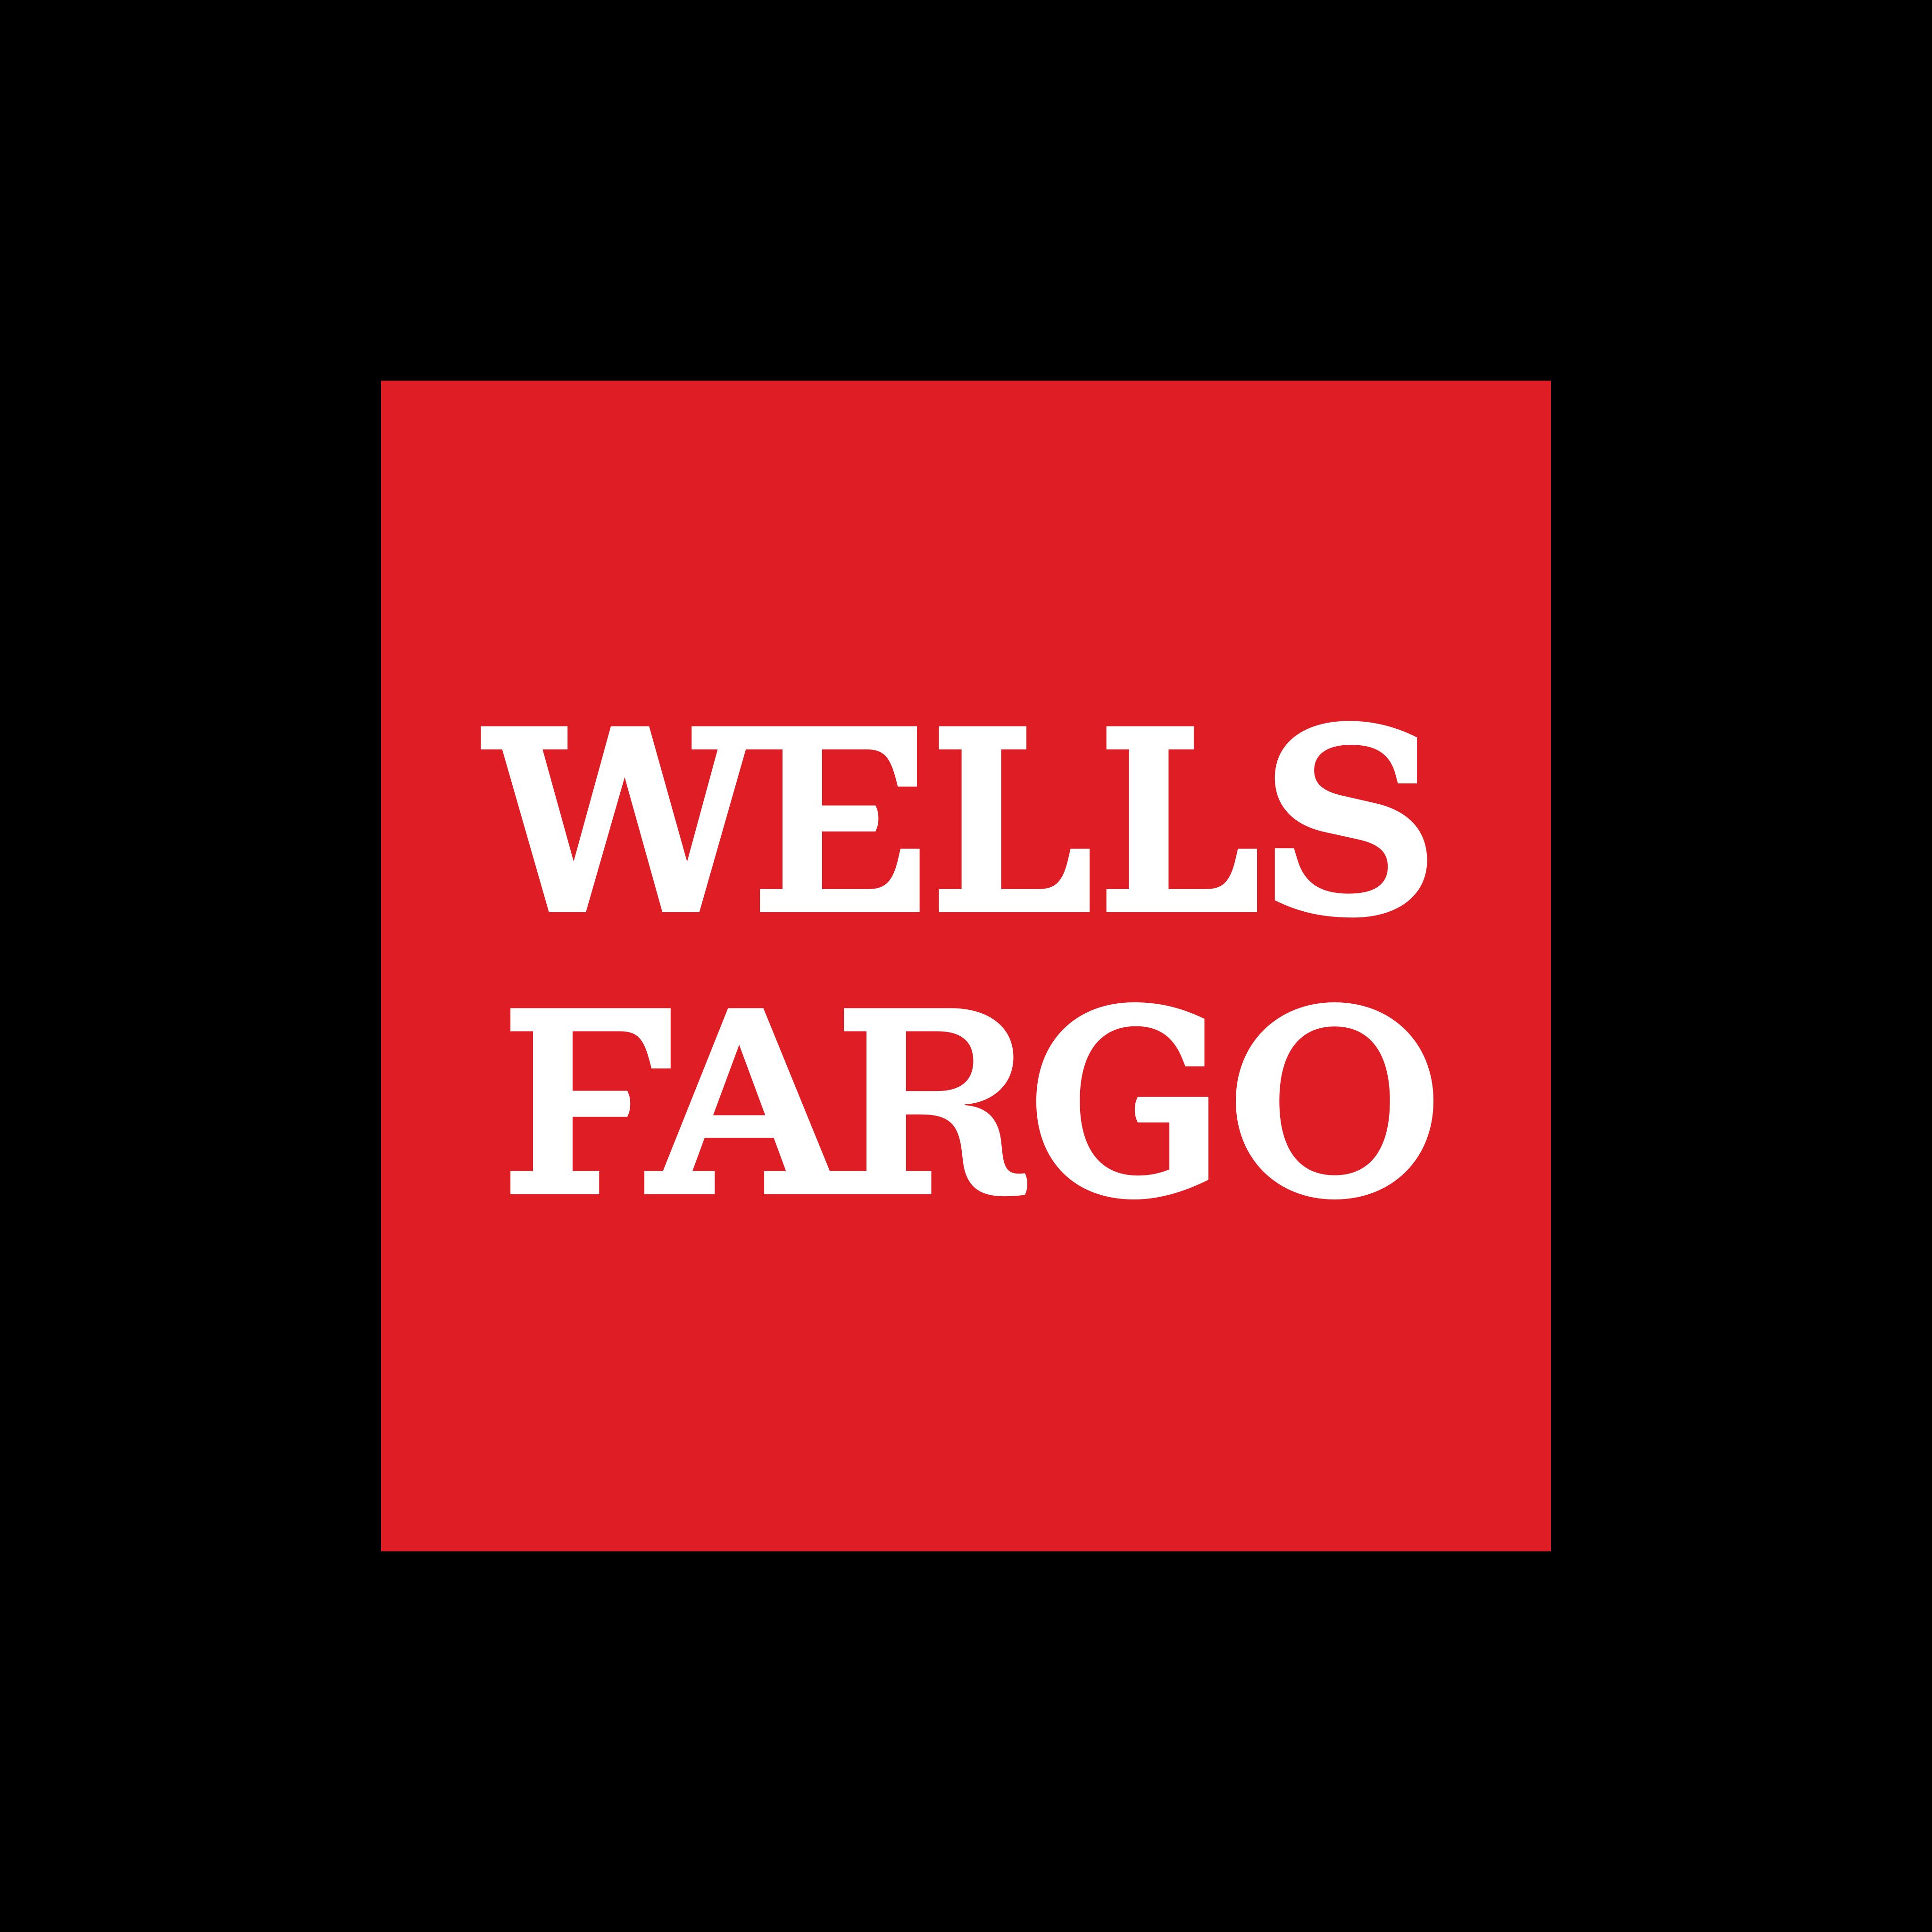 wells fargo logo 0 - Wells Fargo Logo